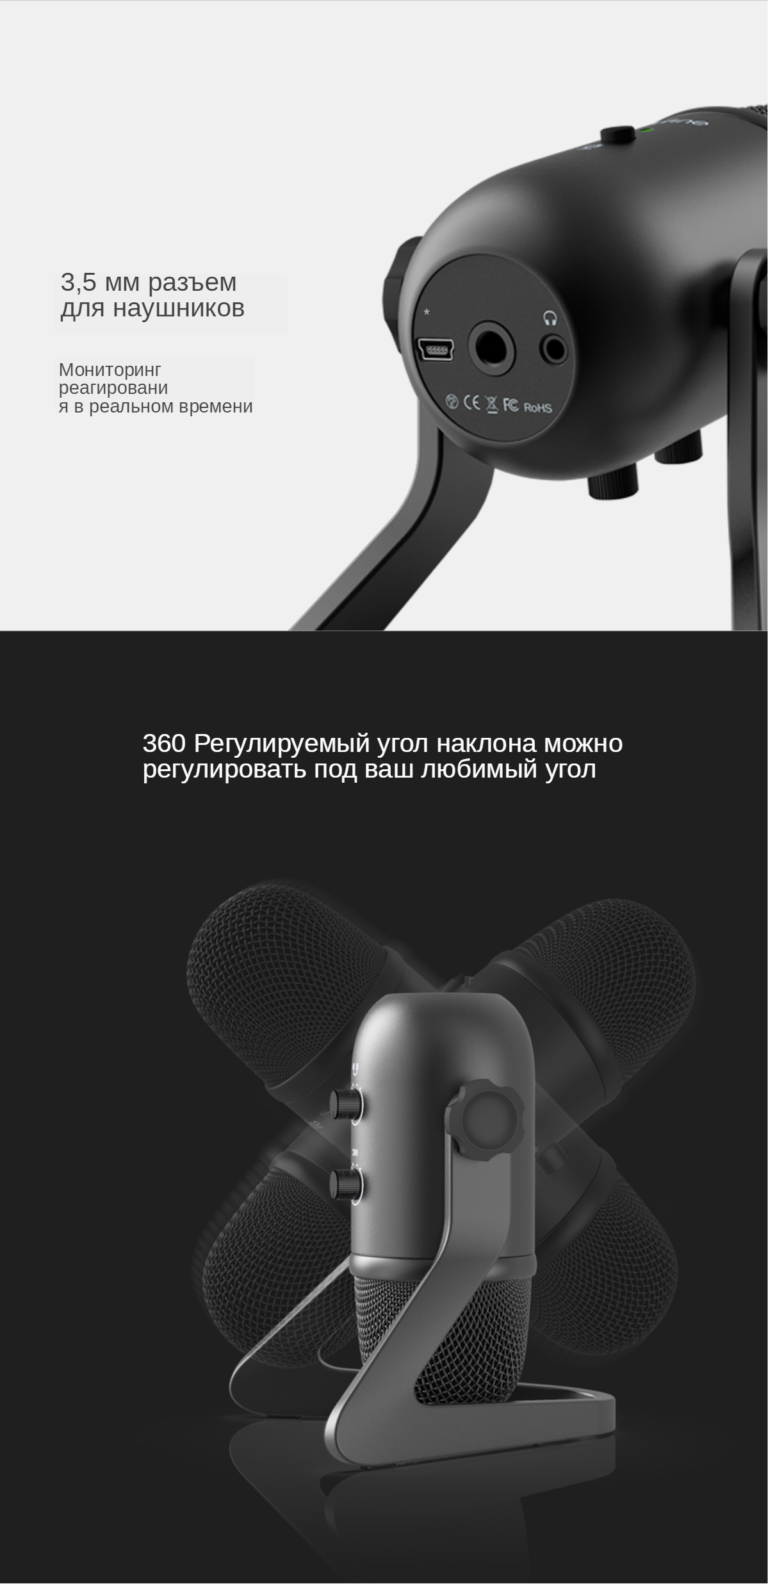 Профессиональный USB микрофон Fifine K678 Kamstore.com.ua (10)